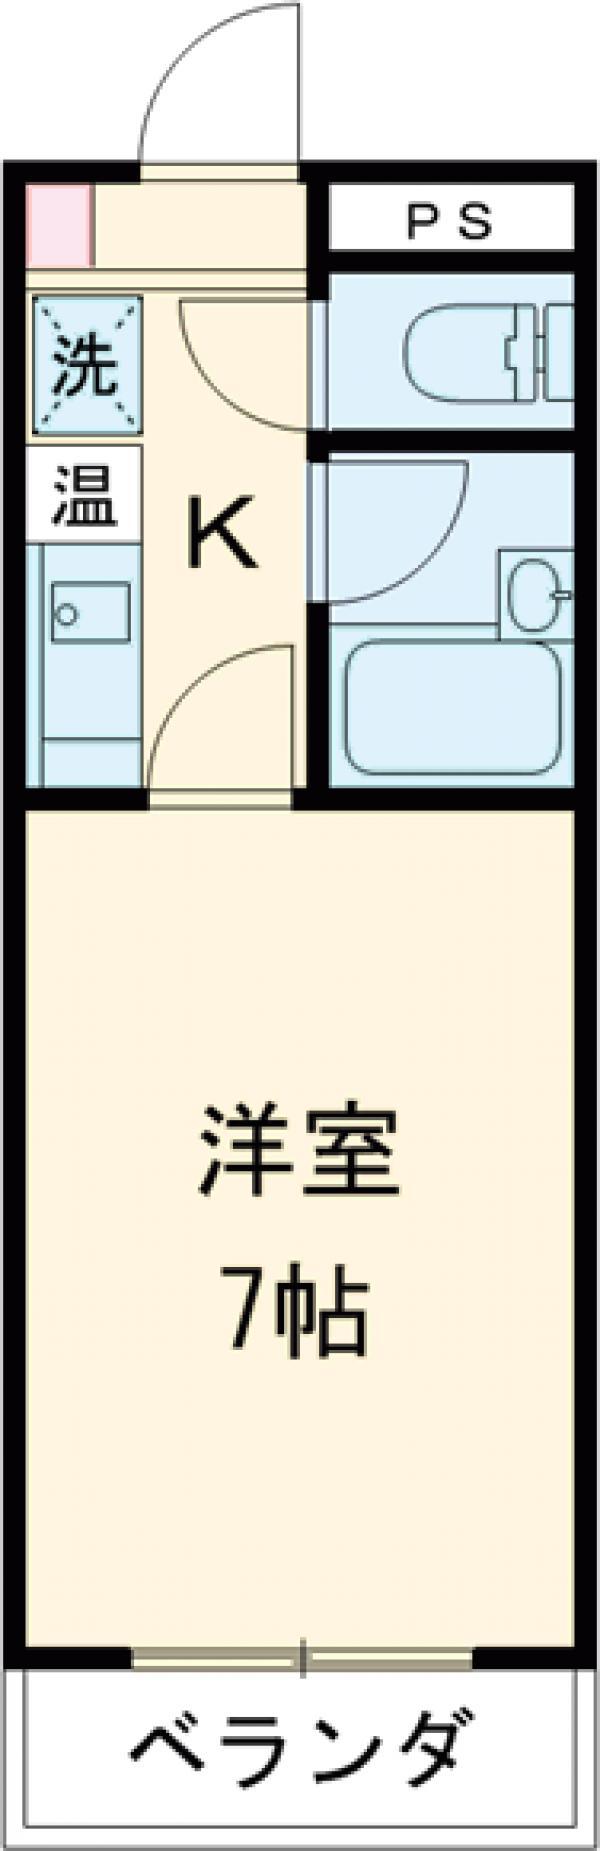 大塚堰場ハイツ・203号室の間取り